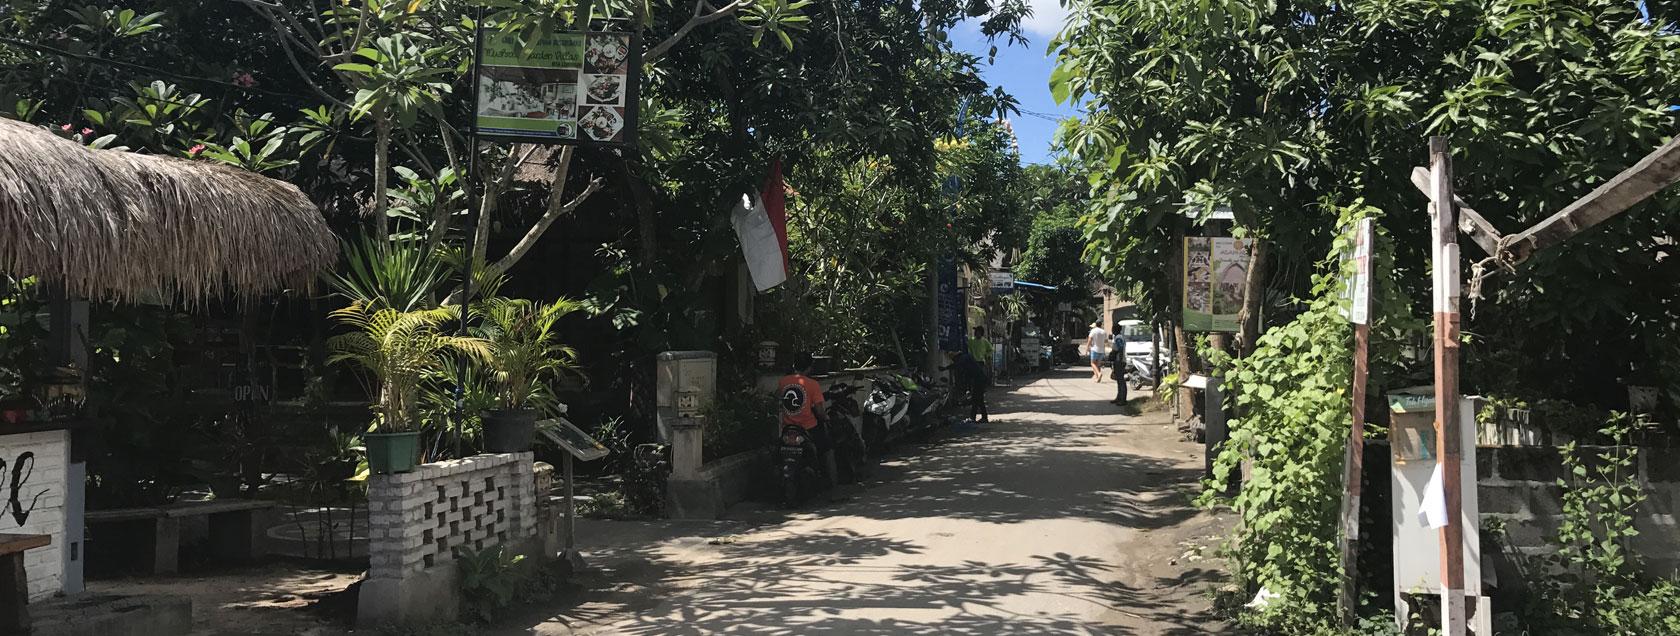 Mushroom Village - Lembongan Sightseeing